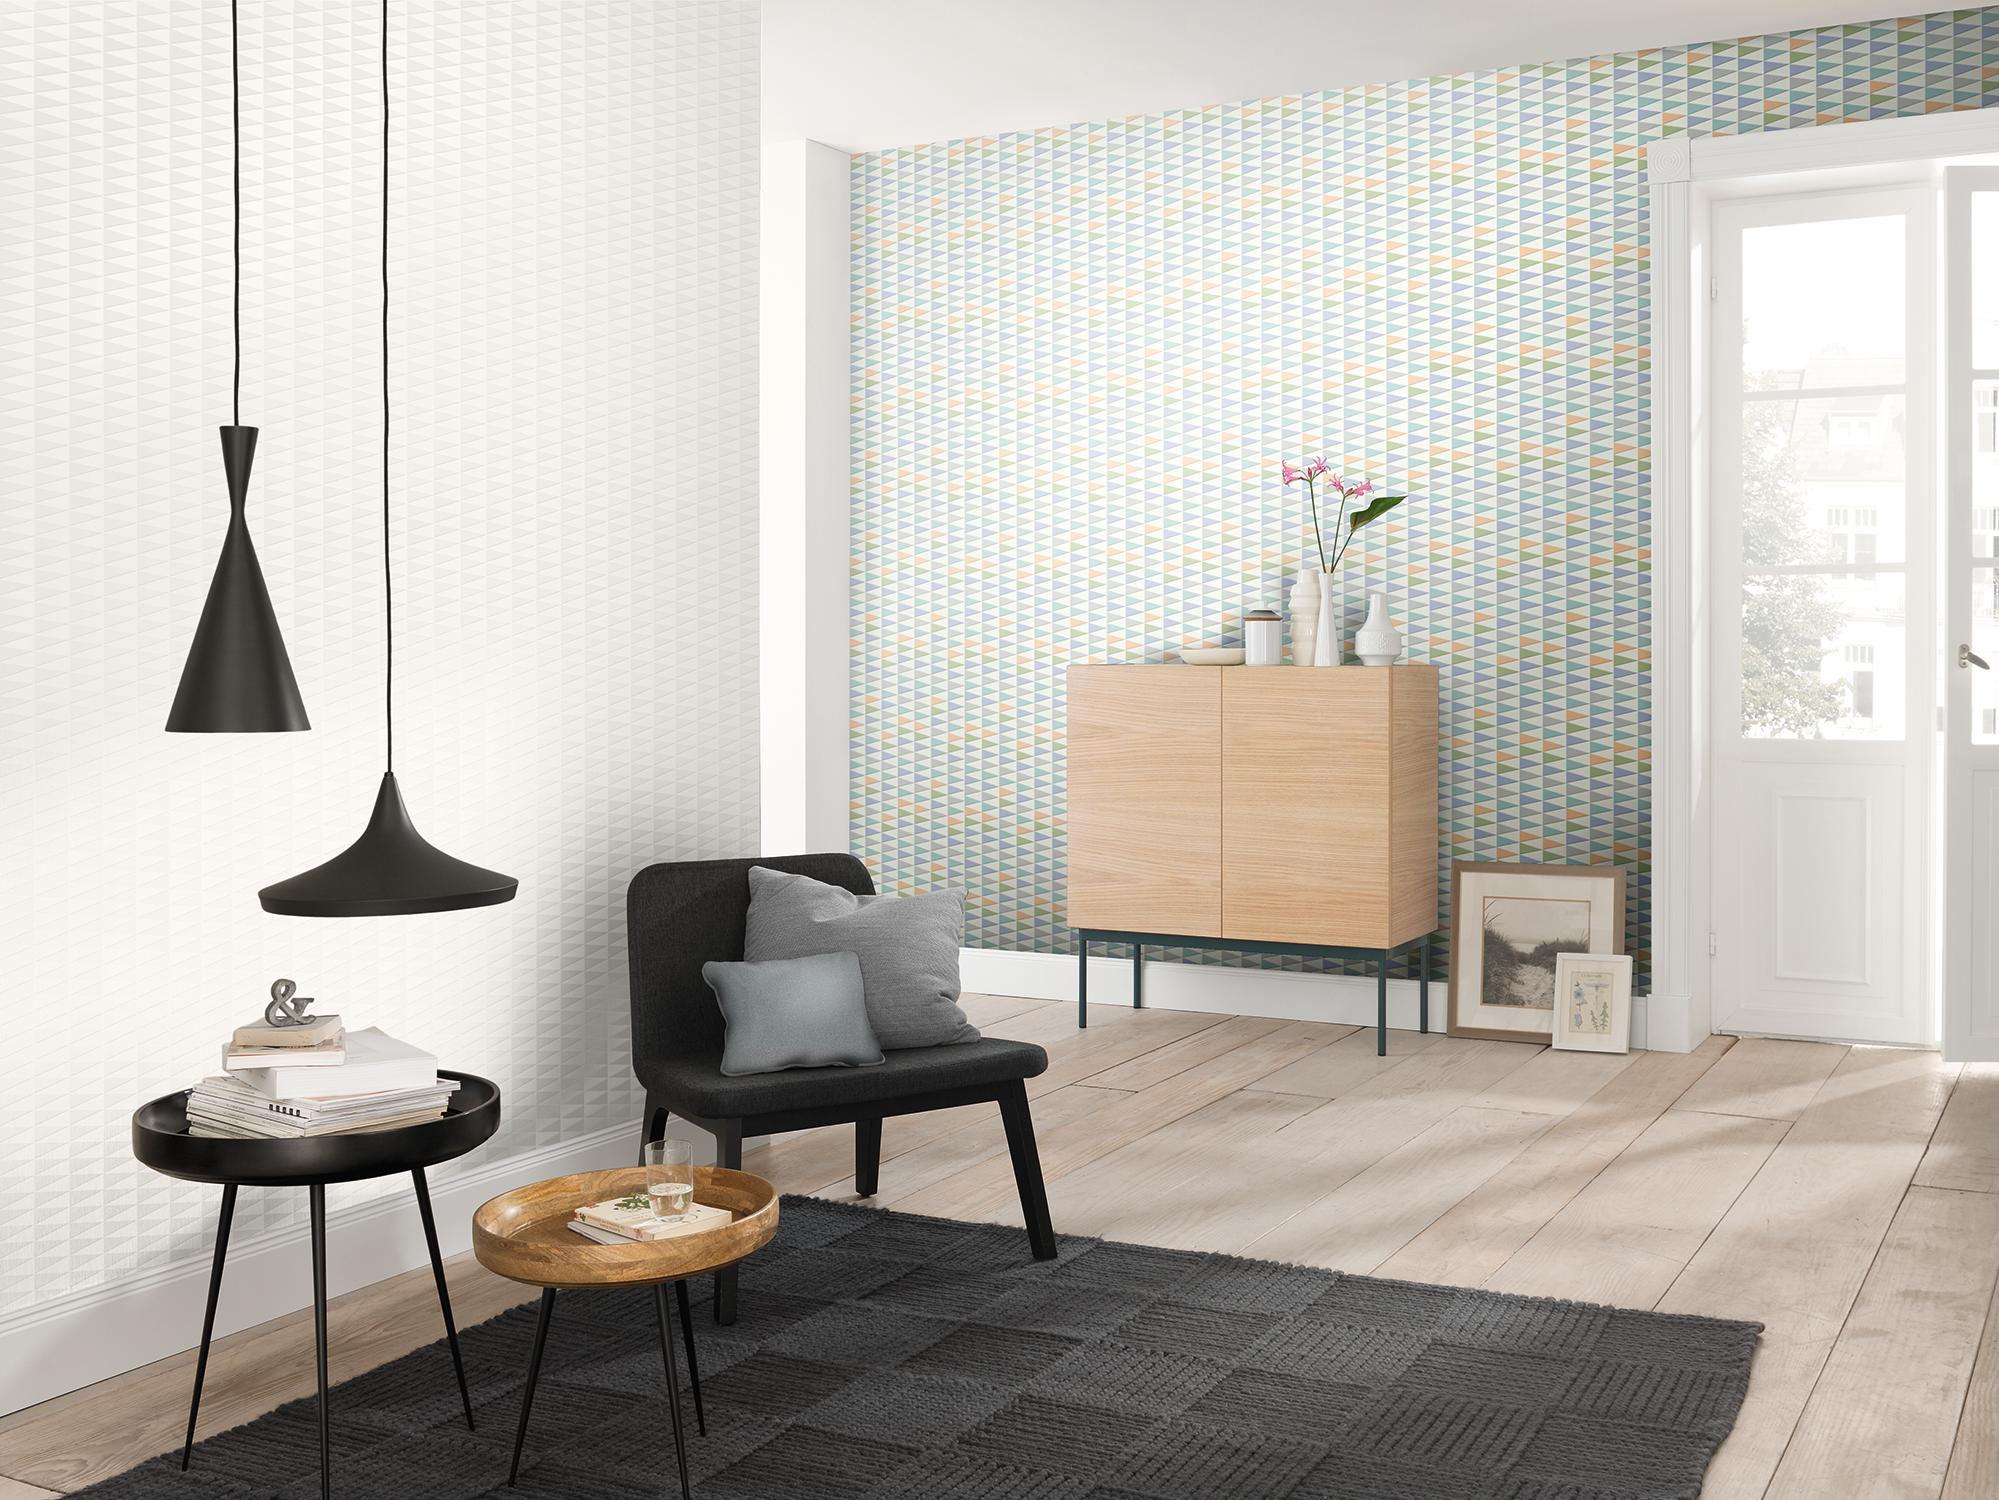 Die FREUNDIN HOME COLLECTION Nordic Living Vliestapete Zeigt Die Farben Und  Muster Skandinavischer Wohnkultur Für Die